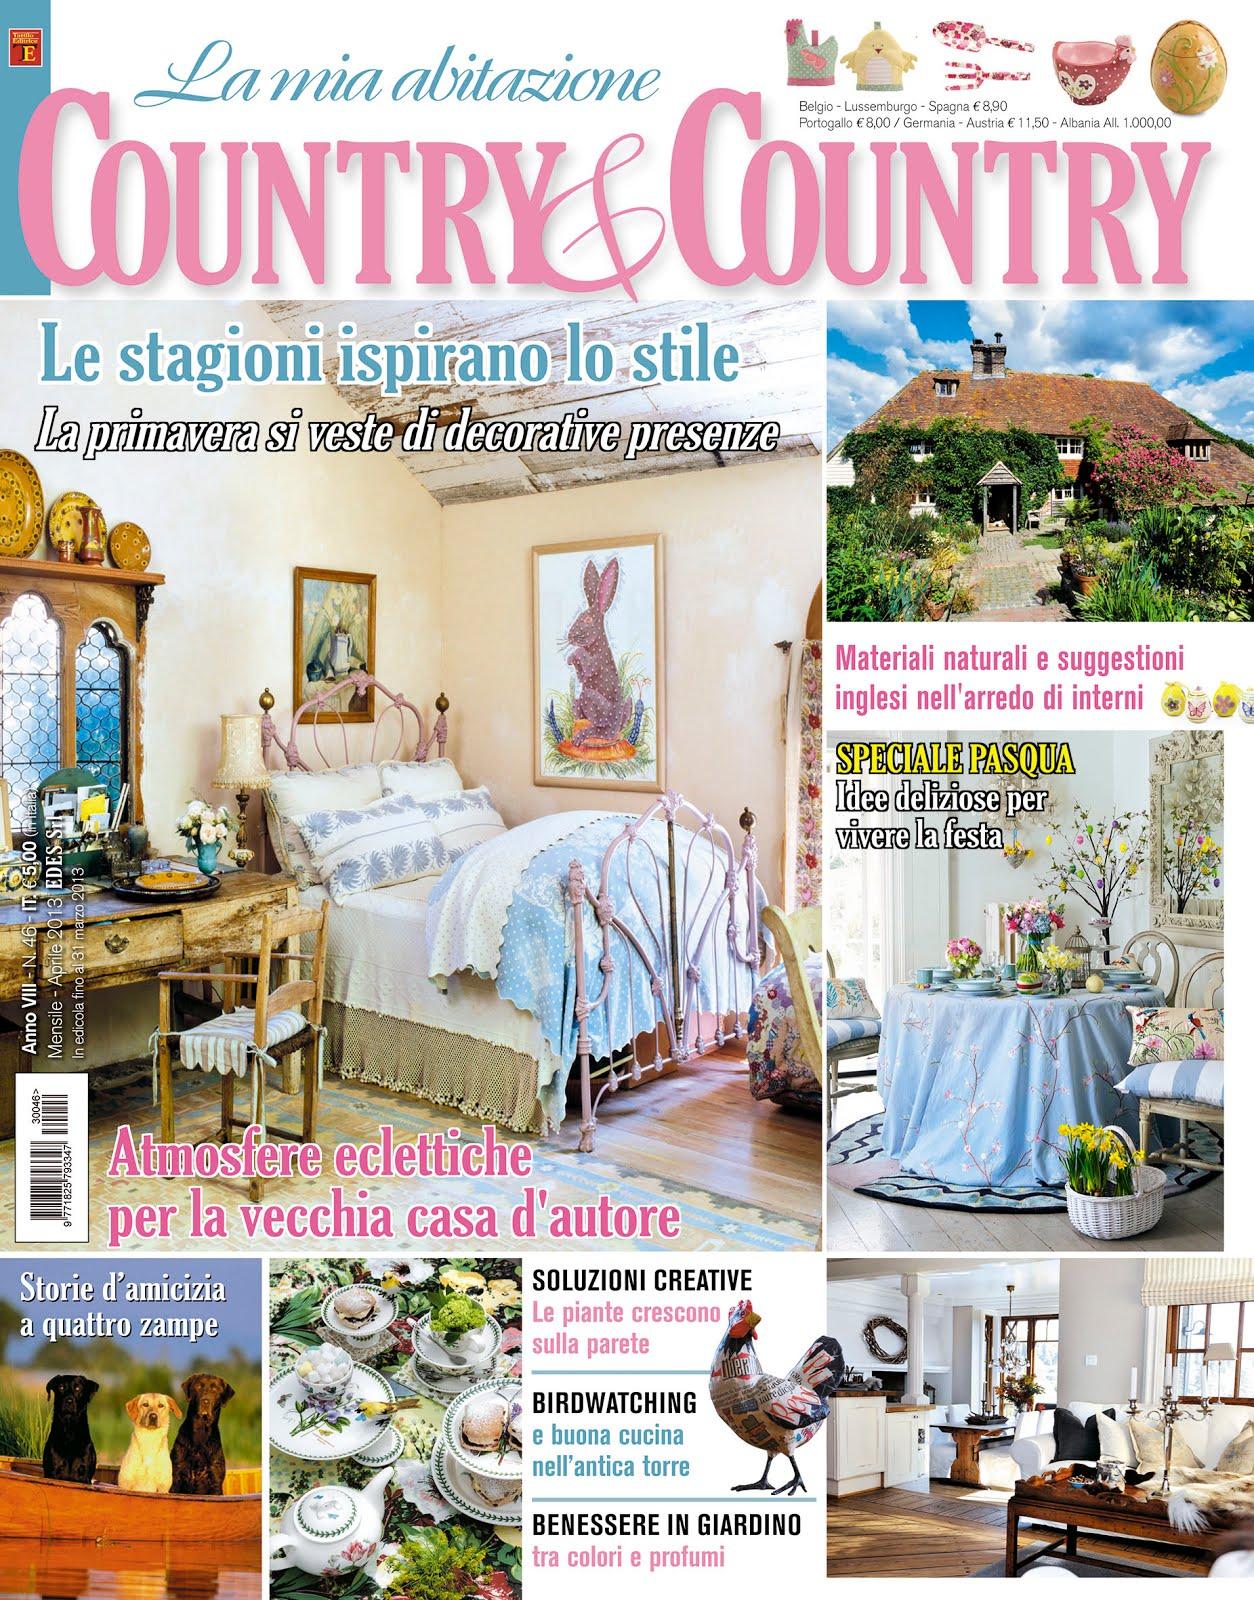 LA MIA ABITAZIONE COUNTRY & COUNTRY - Aprile 2013